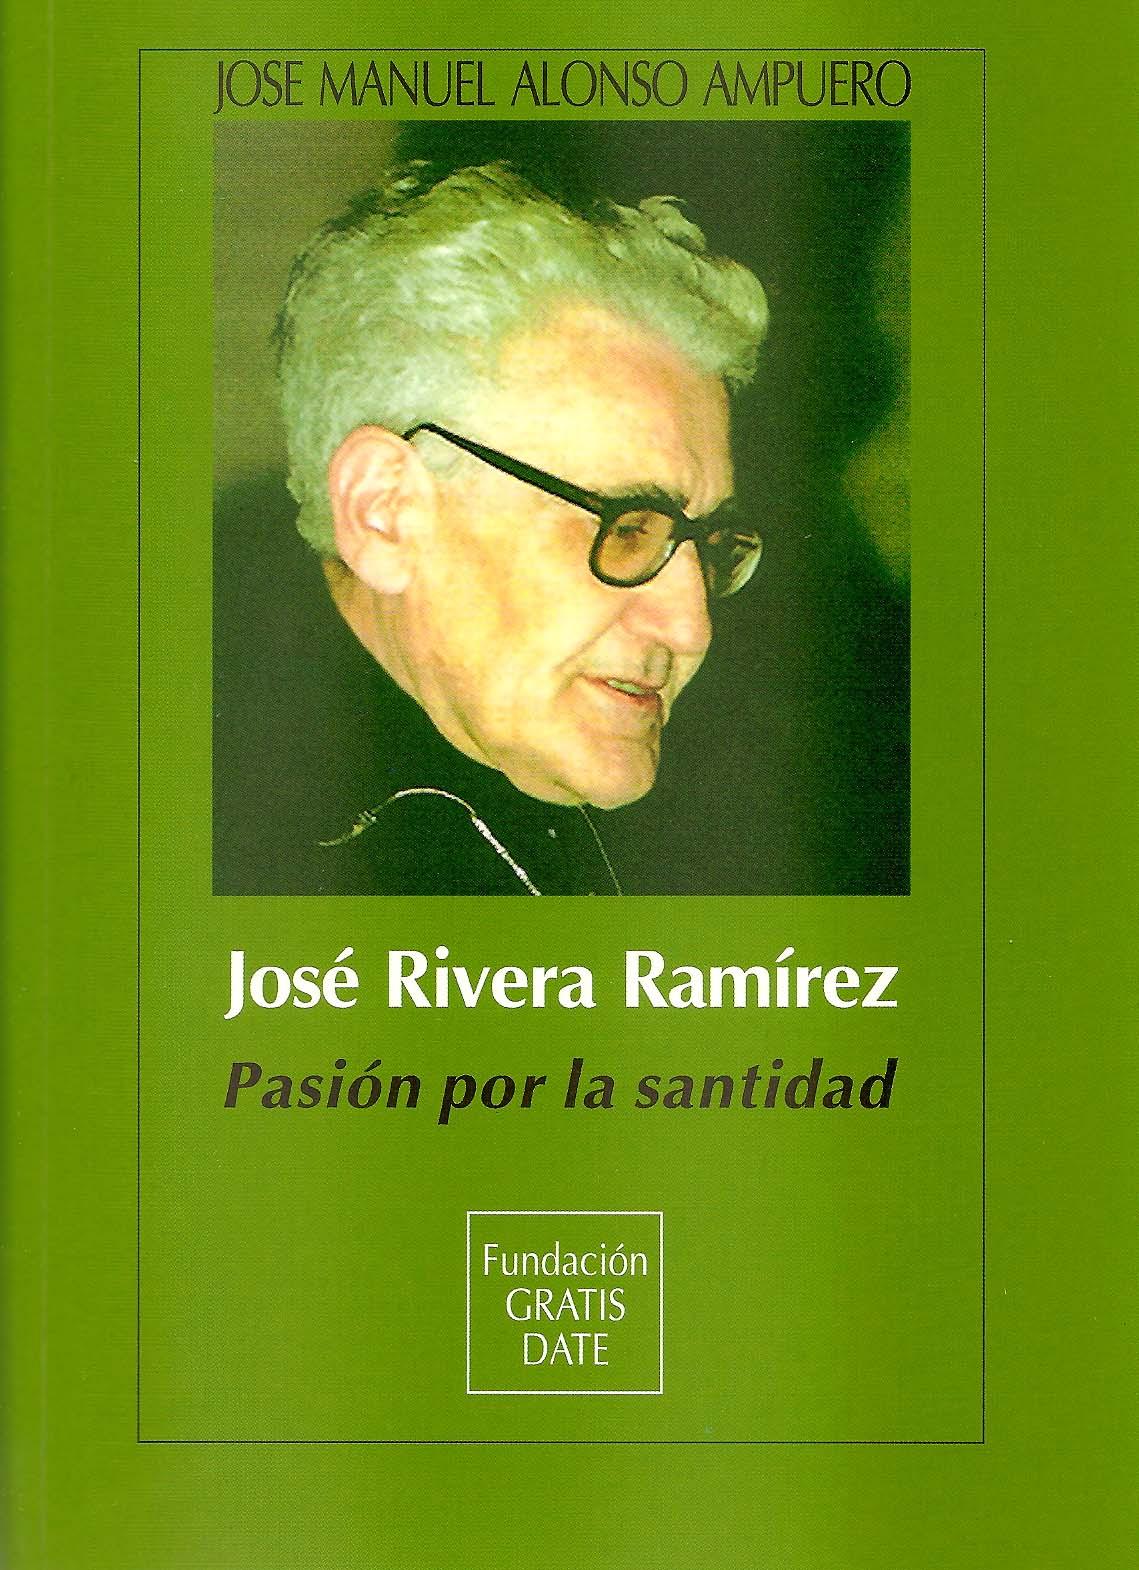 José Rivera Ramírez. Pasión por la santidad.